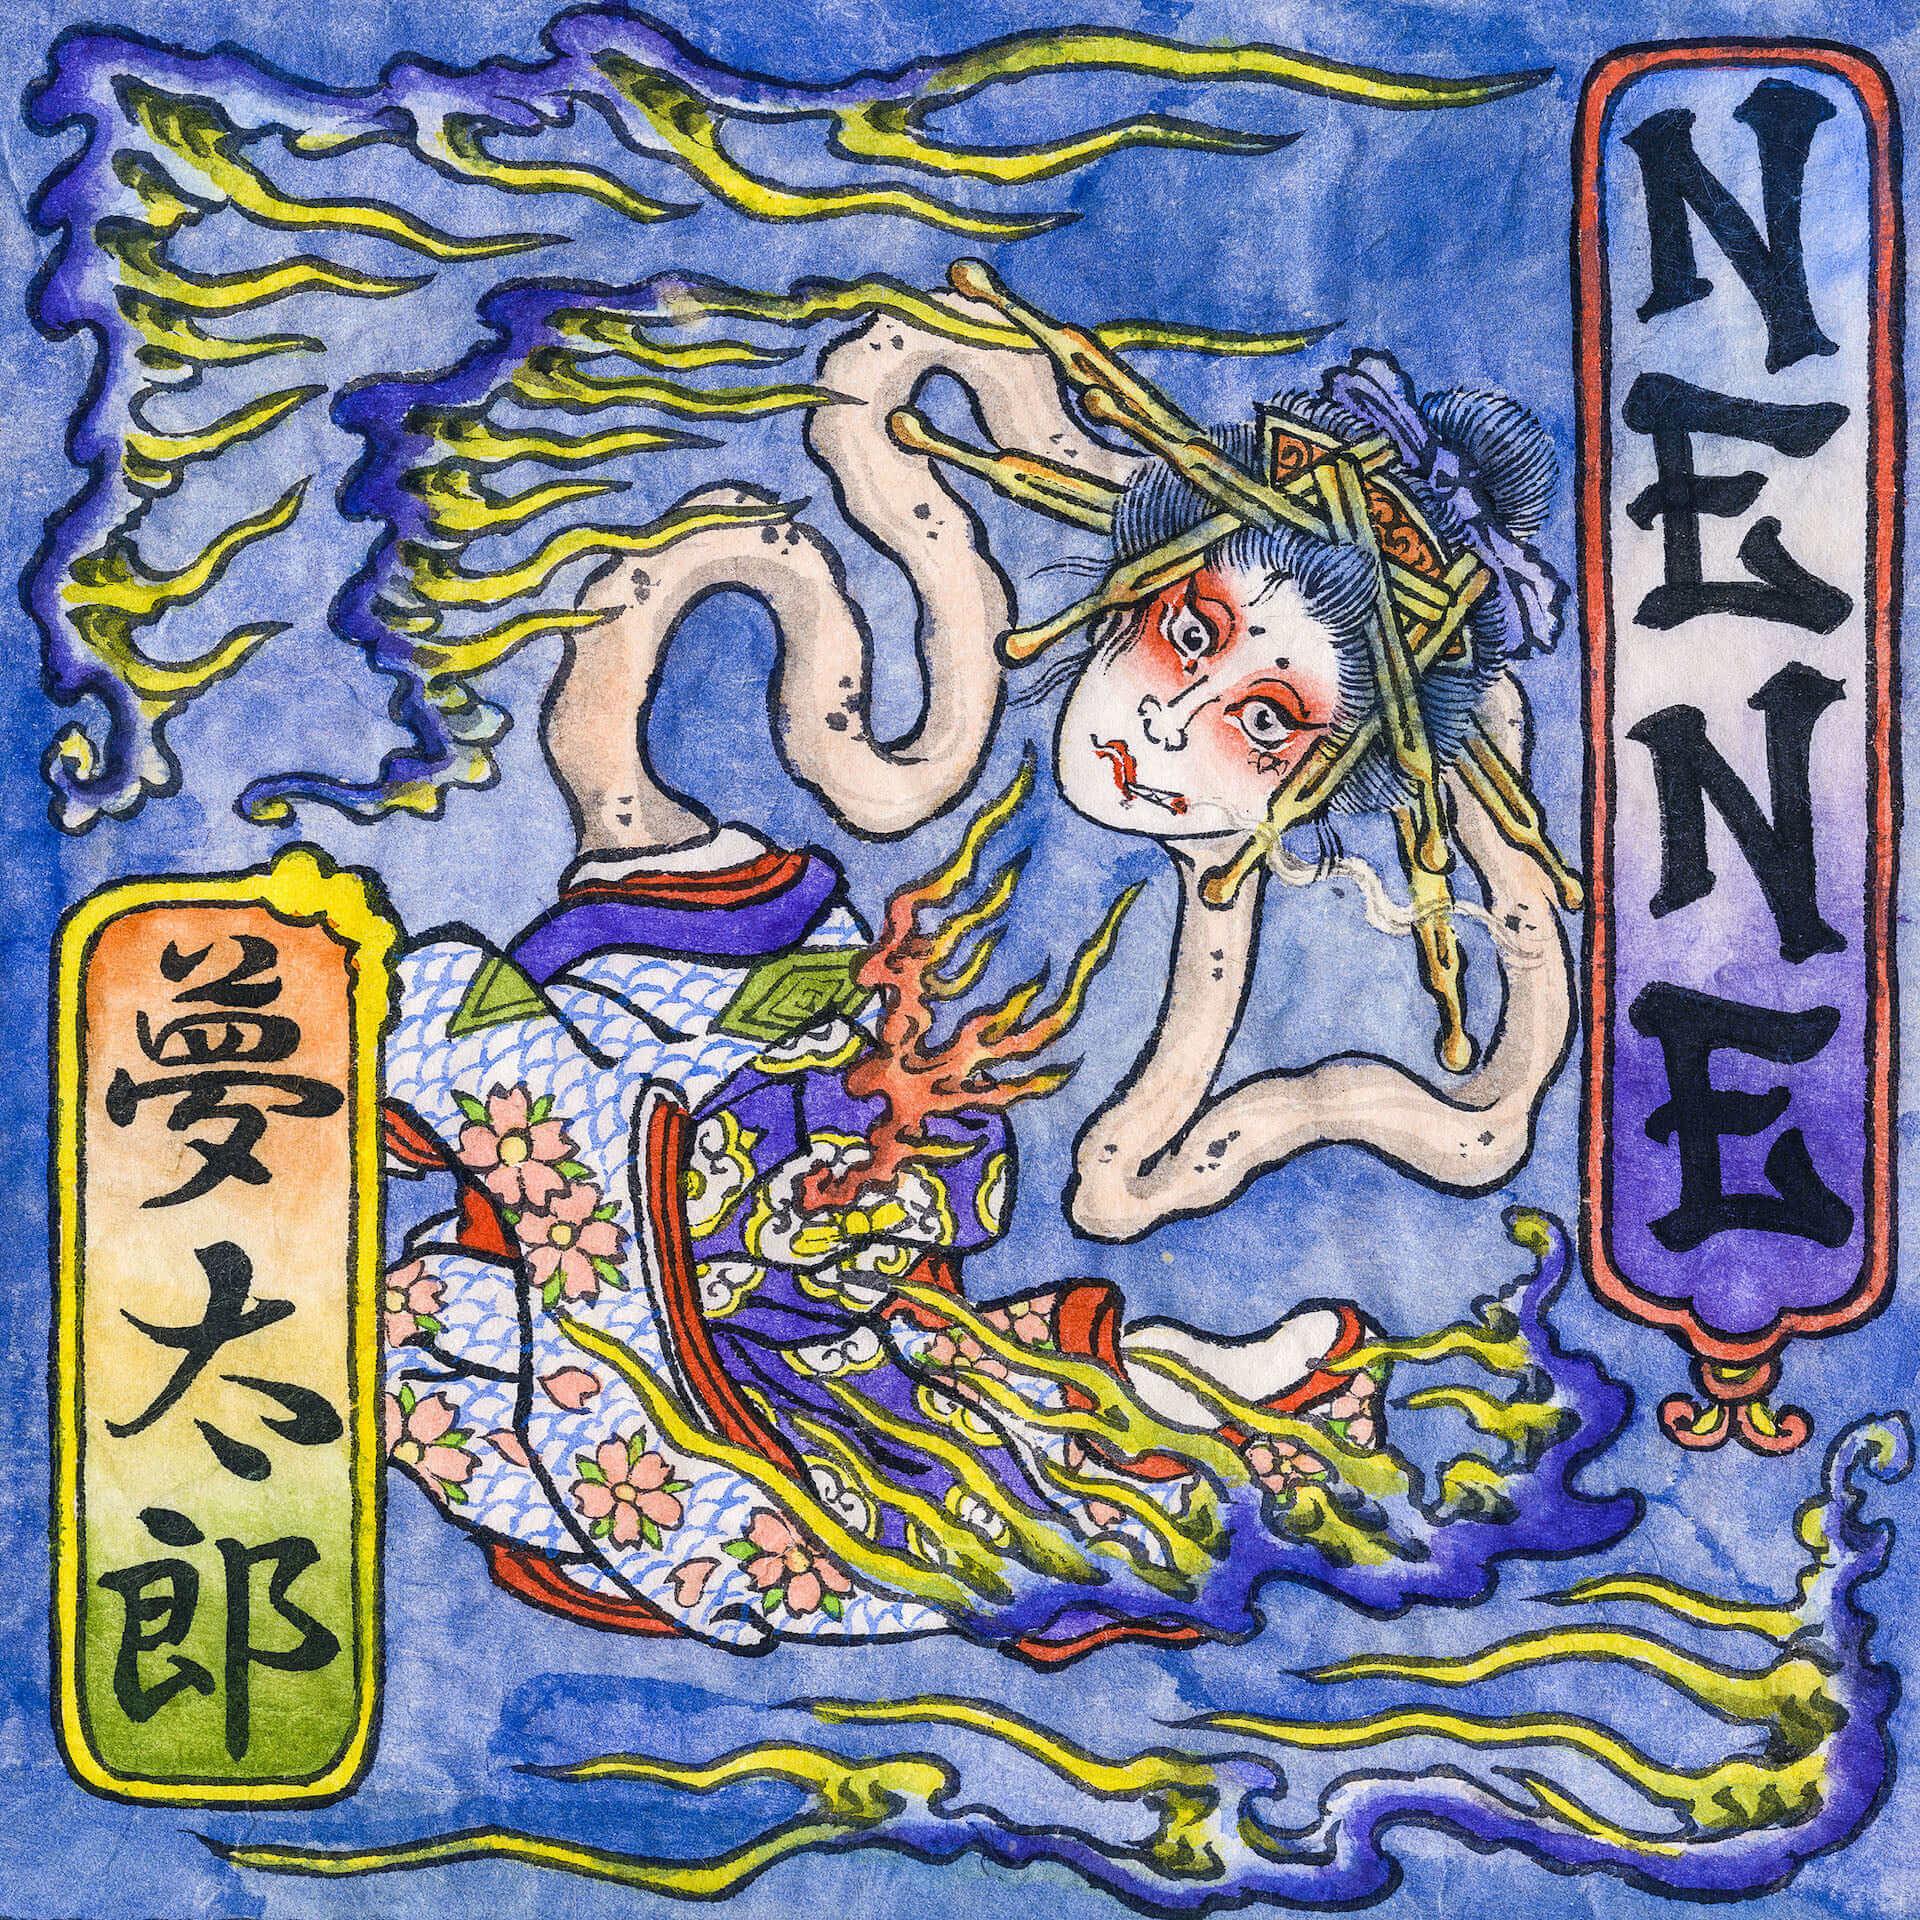 ゆるふわギャング・NENEの最新EP『夢太郎』の楽曲を初披露するオンラインライブが生配信決定! music200825_nene_4